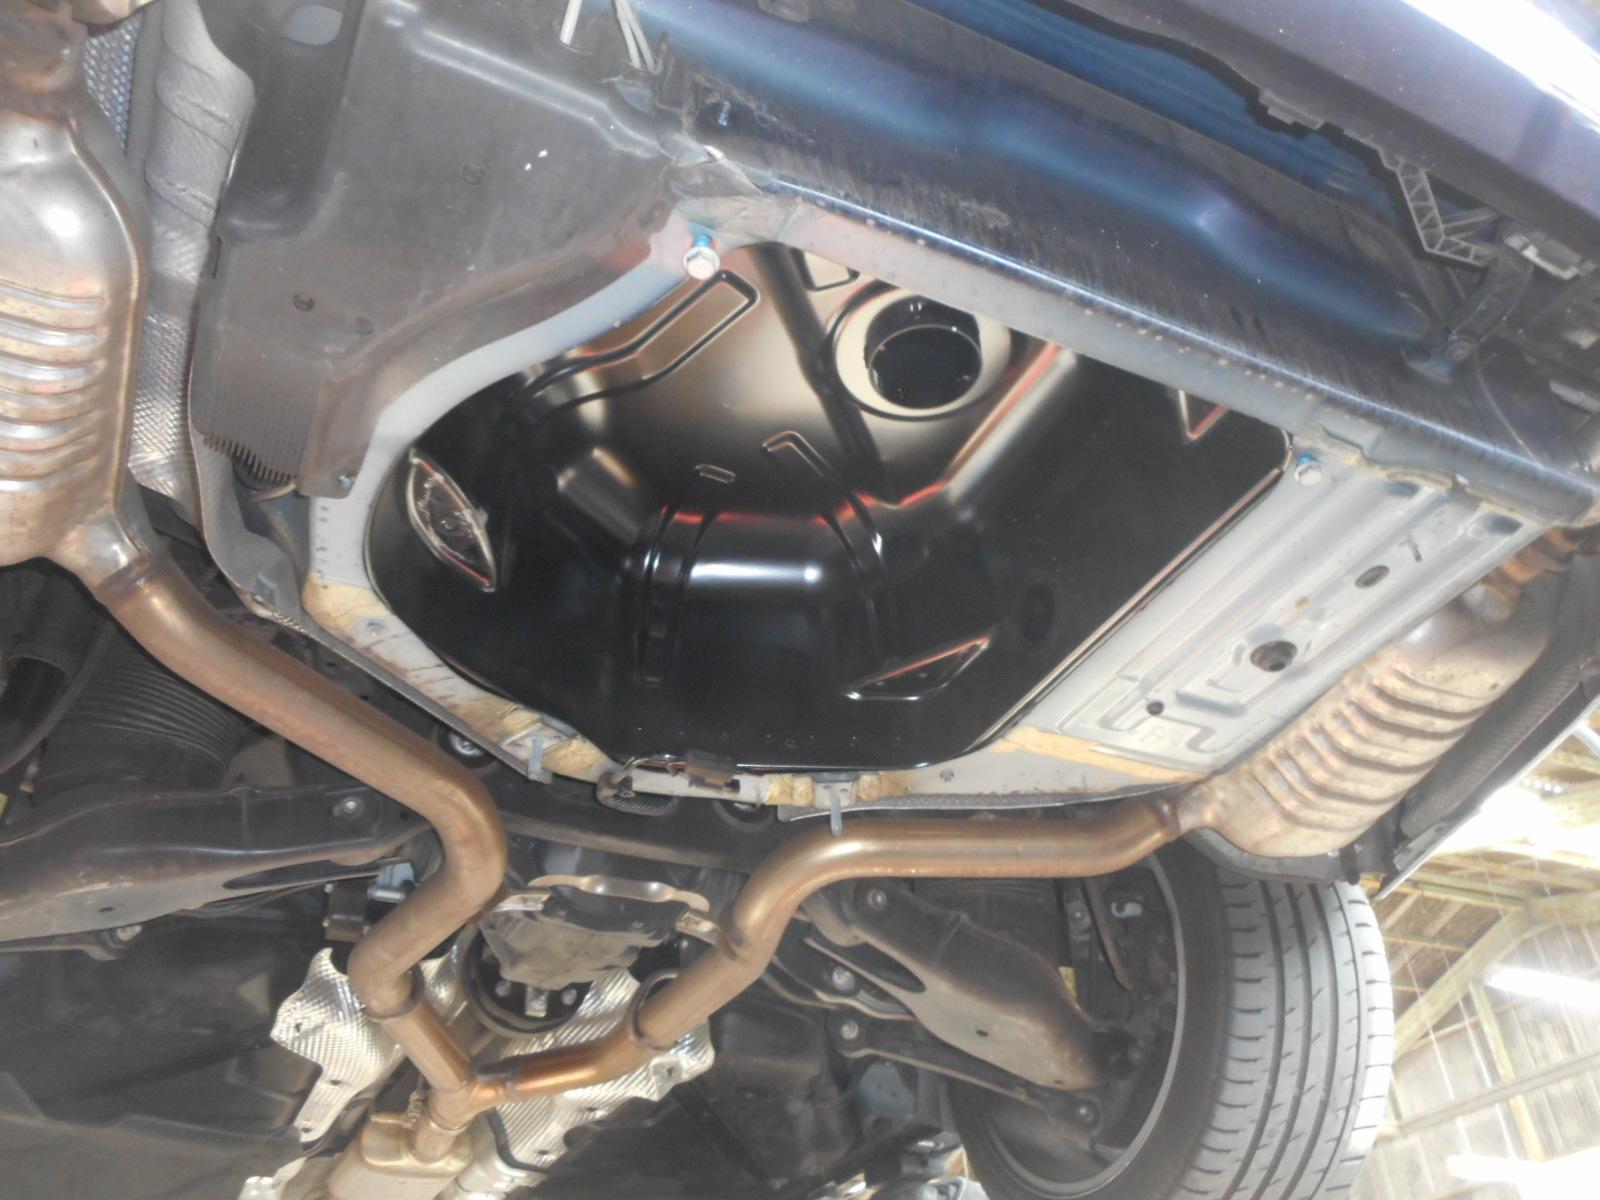 メルセデスベンツ E350ブルーテック(W212)エンジン警告灯点灯 整備(アドブルーユニット)_c0267693_17585174.jpg